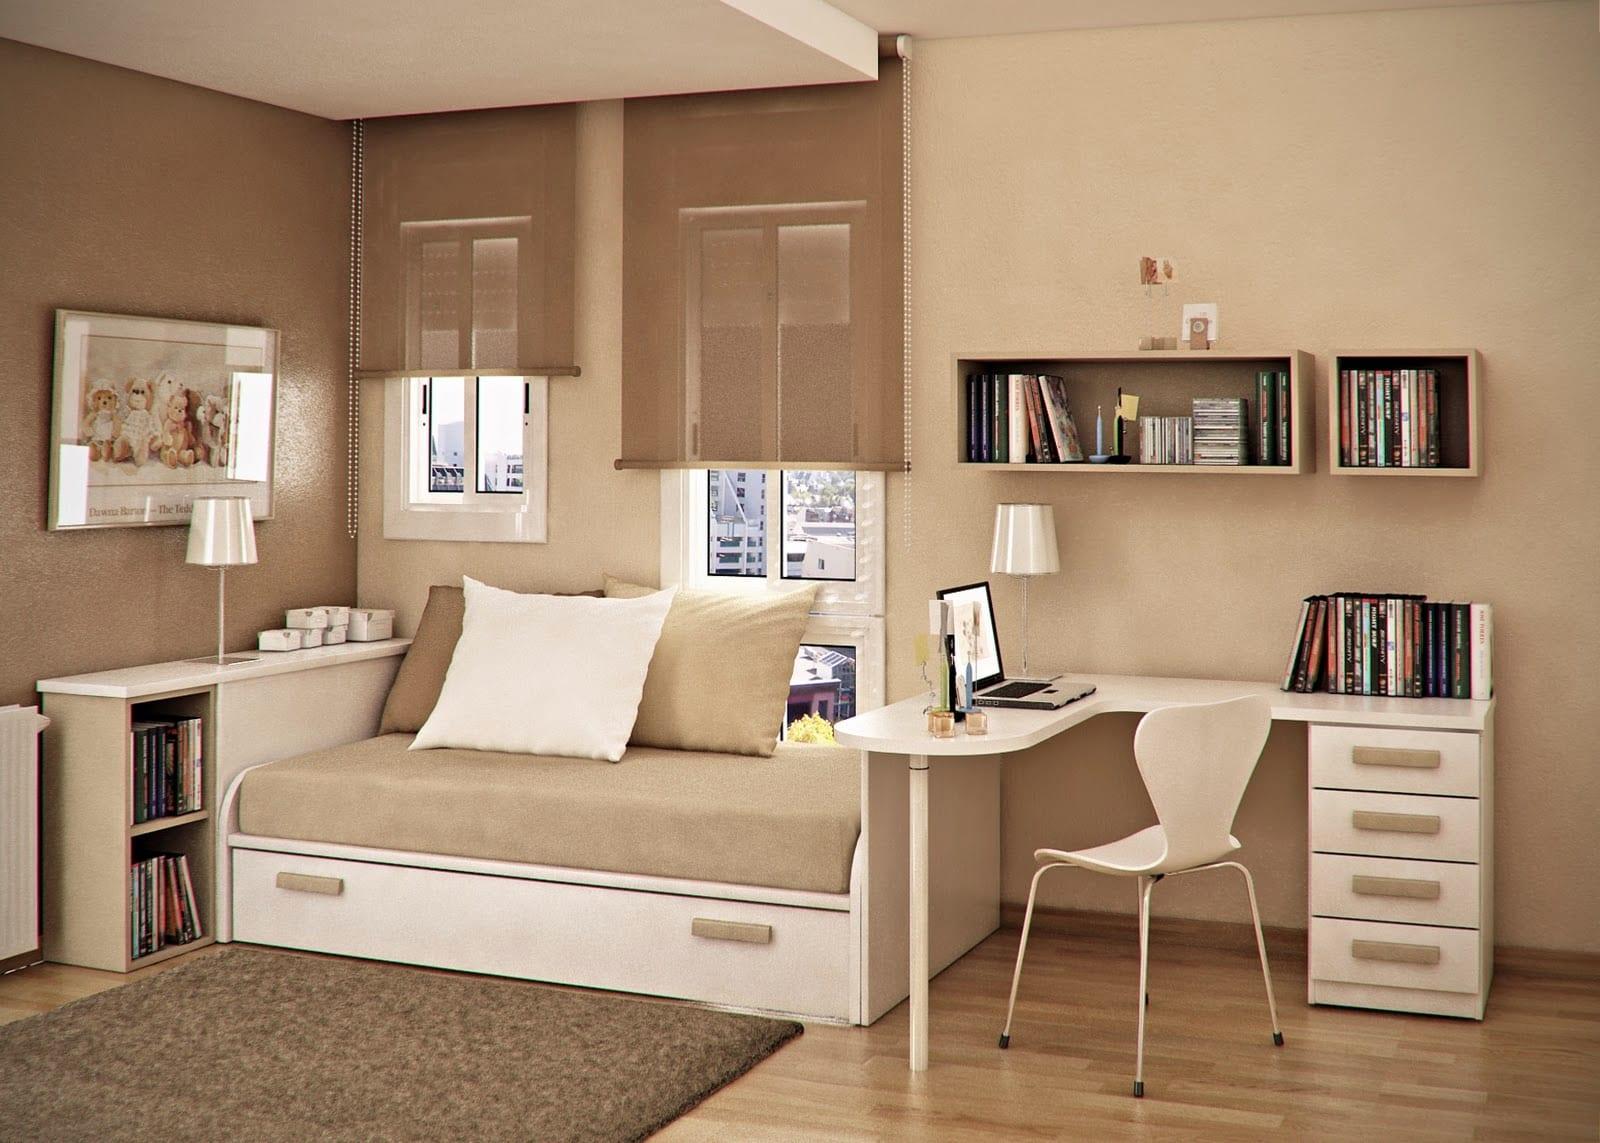 beige wandfarbe - 40 farbgestaltungsideen mit der wandfarbe beige ... - Schlafzimmer Farben Beige